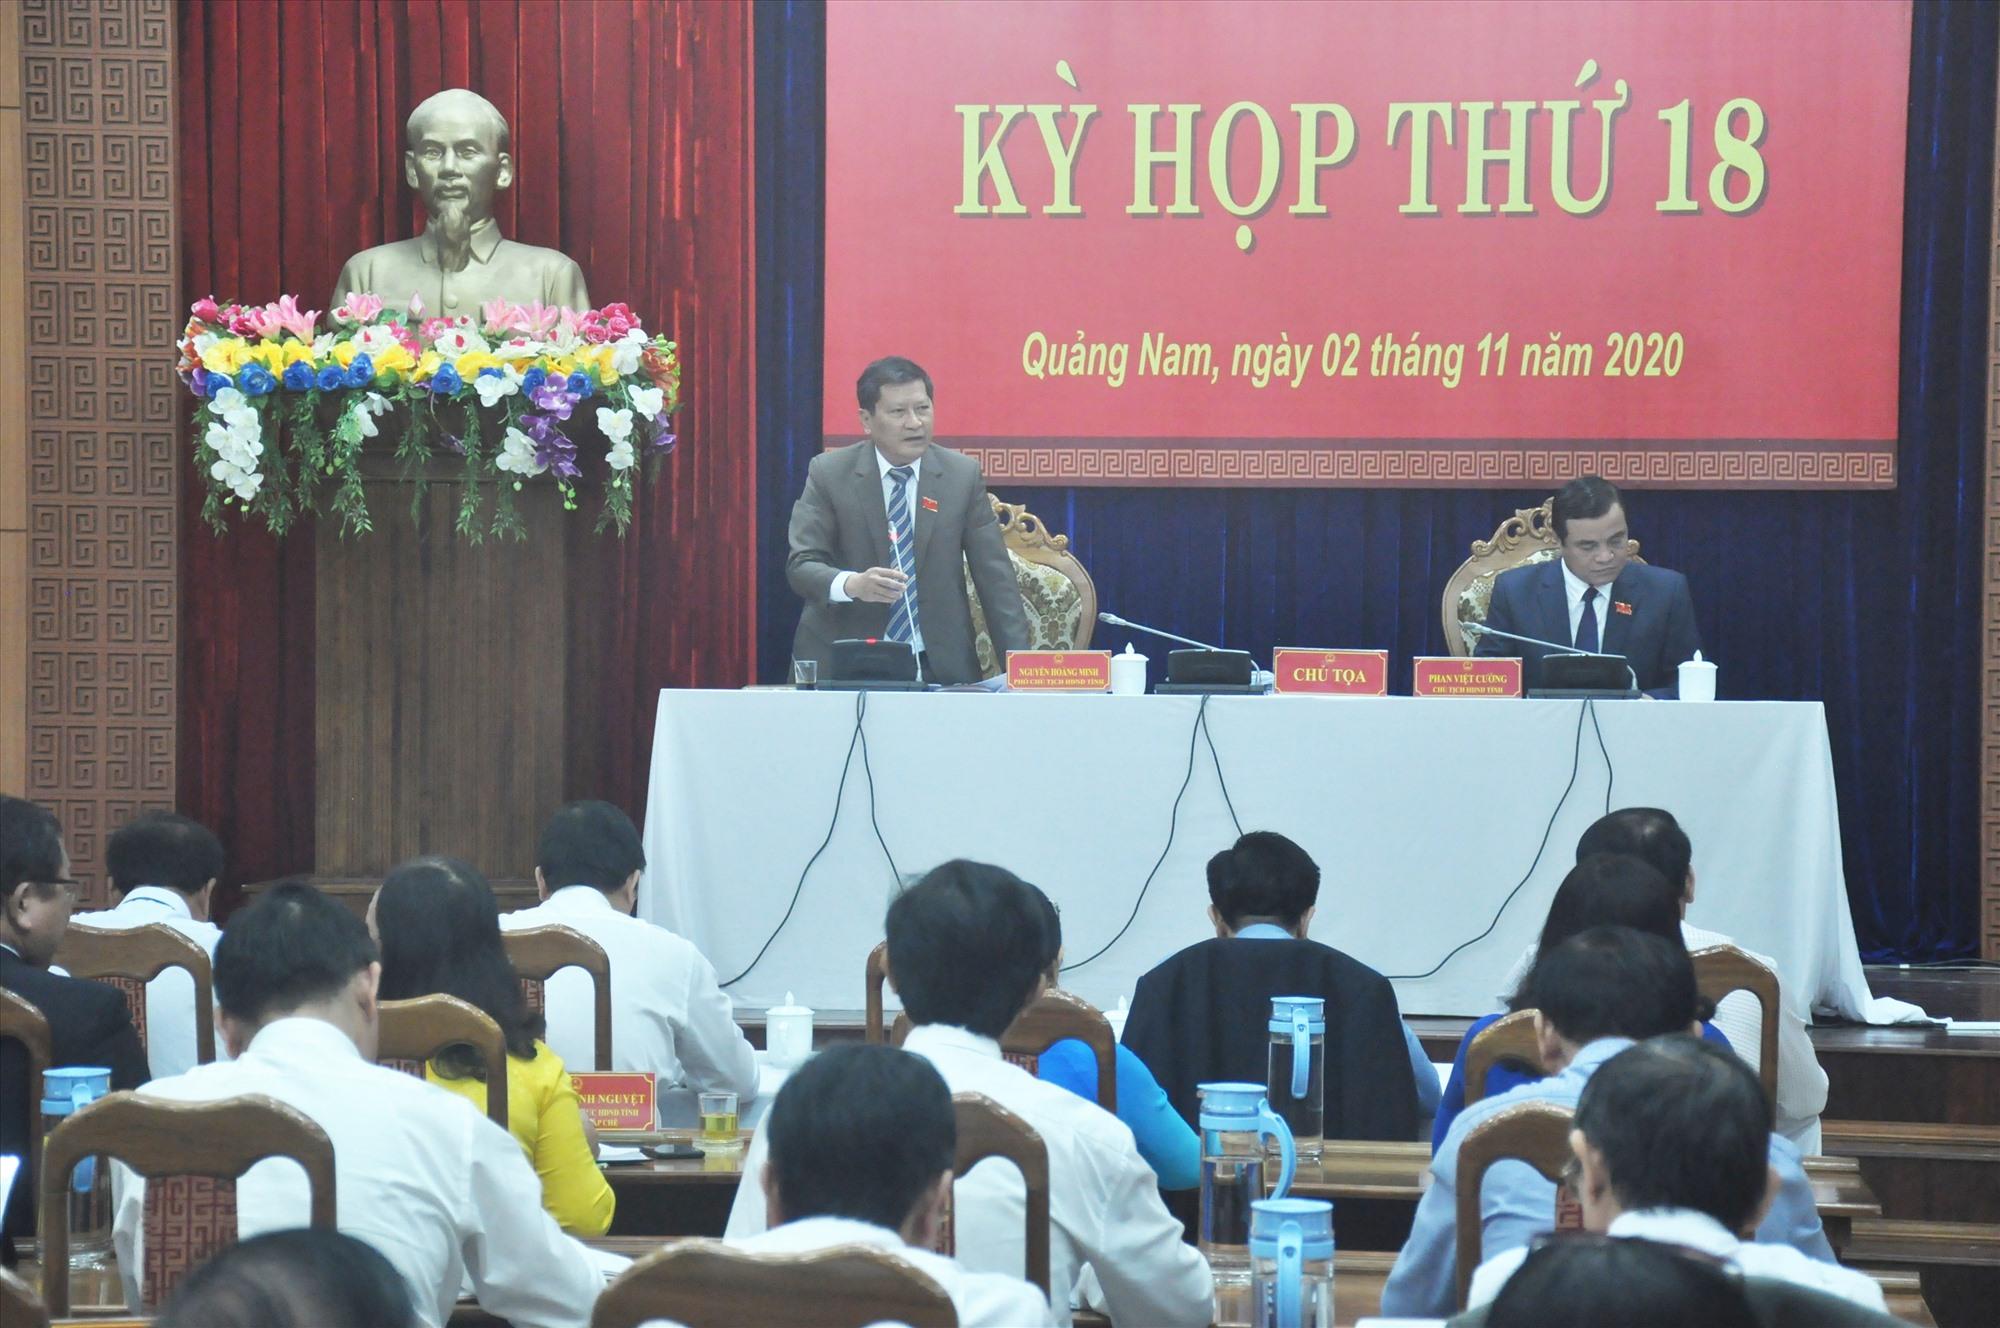 Chủ tọa điều hành thực hiện các nội dung theo chương trình Kỳ họp thứ 18. Ảnh: N.Đ